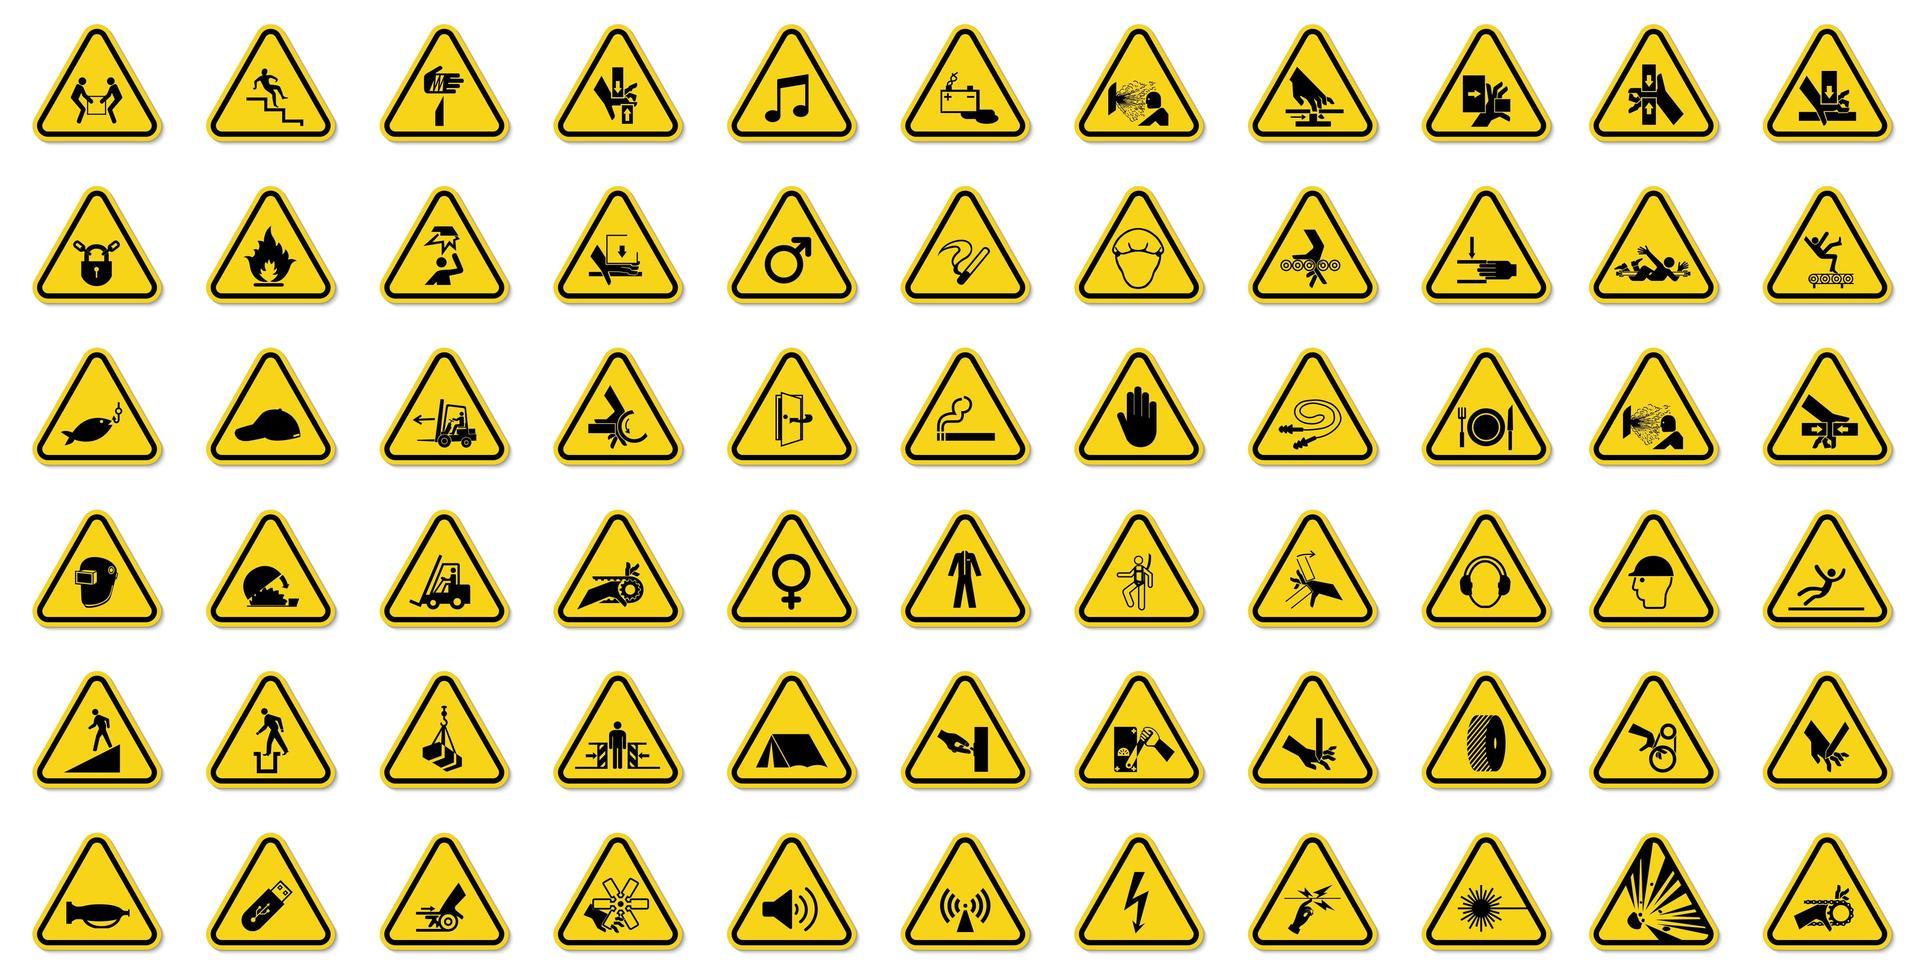 waarschuwingsbord met zwarte pictogrammen in gele driehoek vector